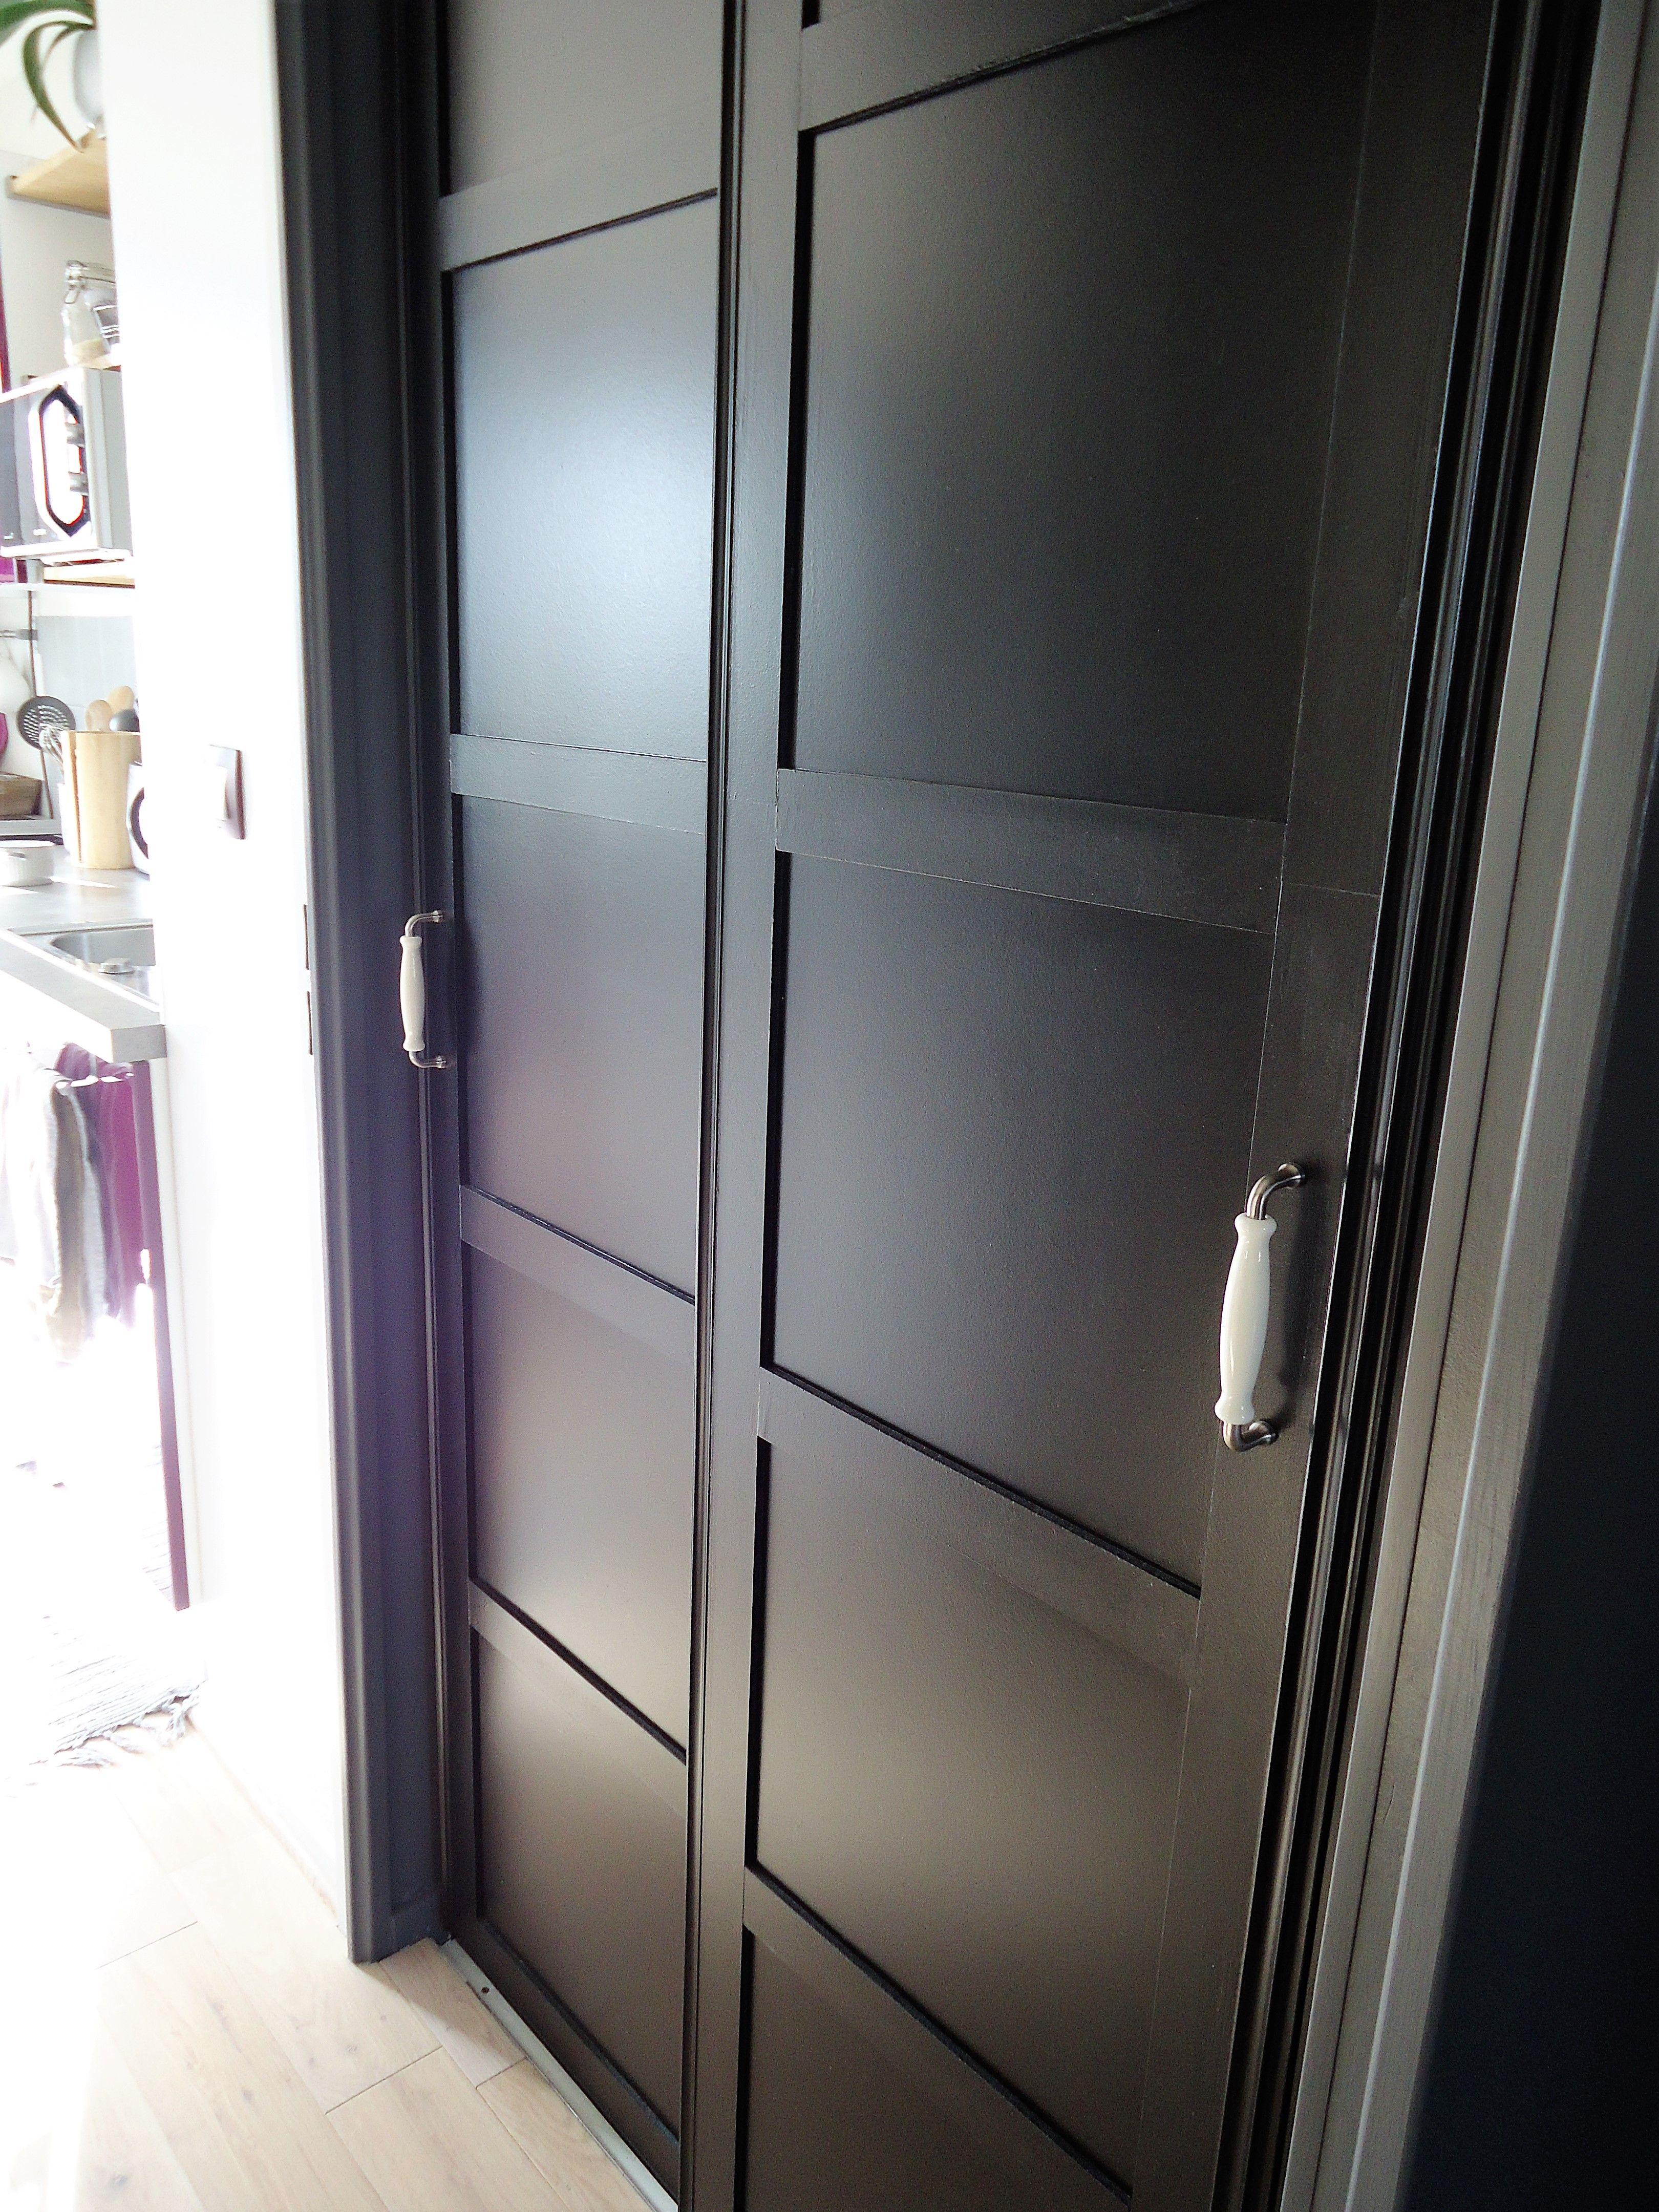 Tapisser Porte De Placard un nouveau style pour mes portes de placard | doors in 2019